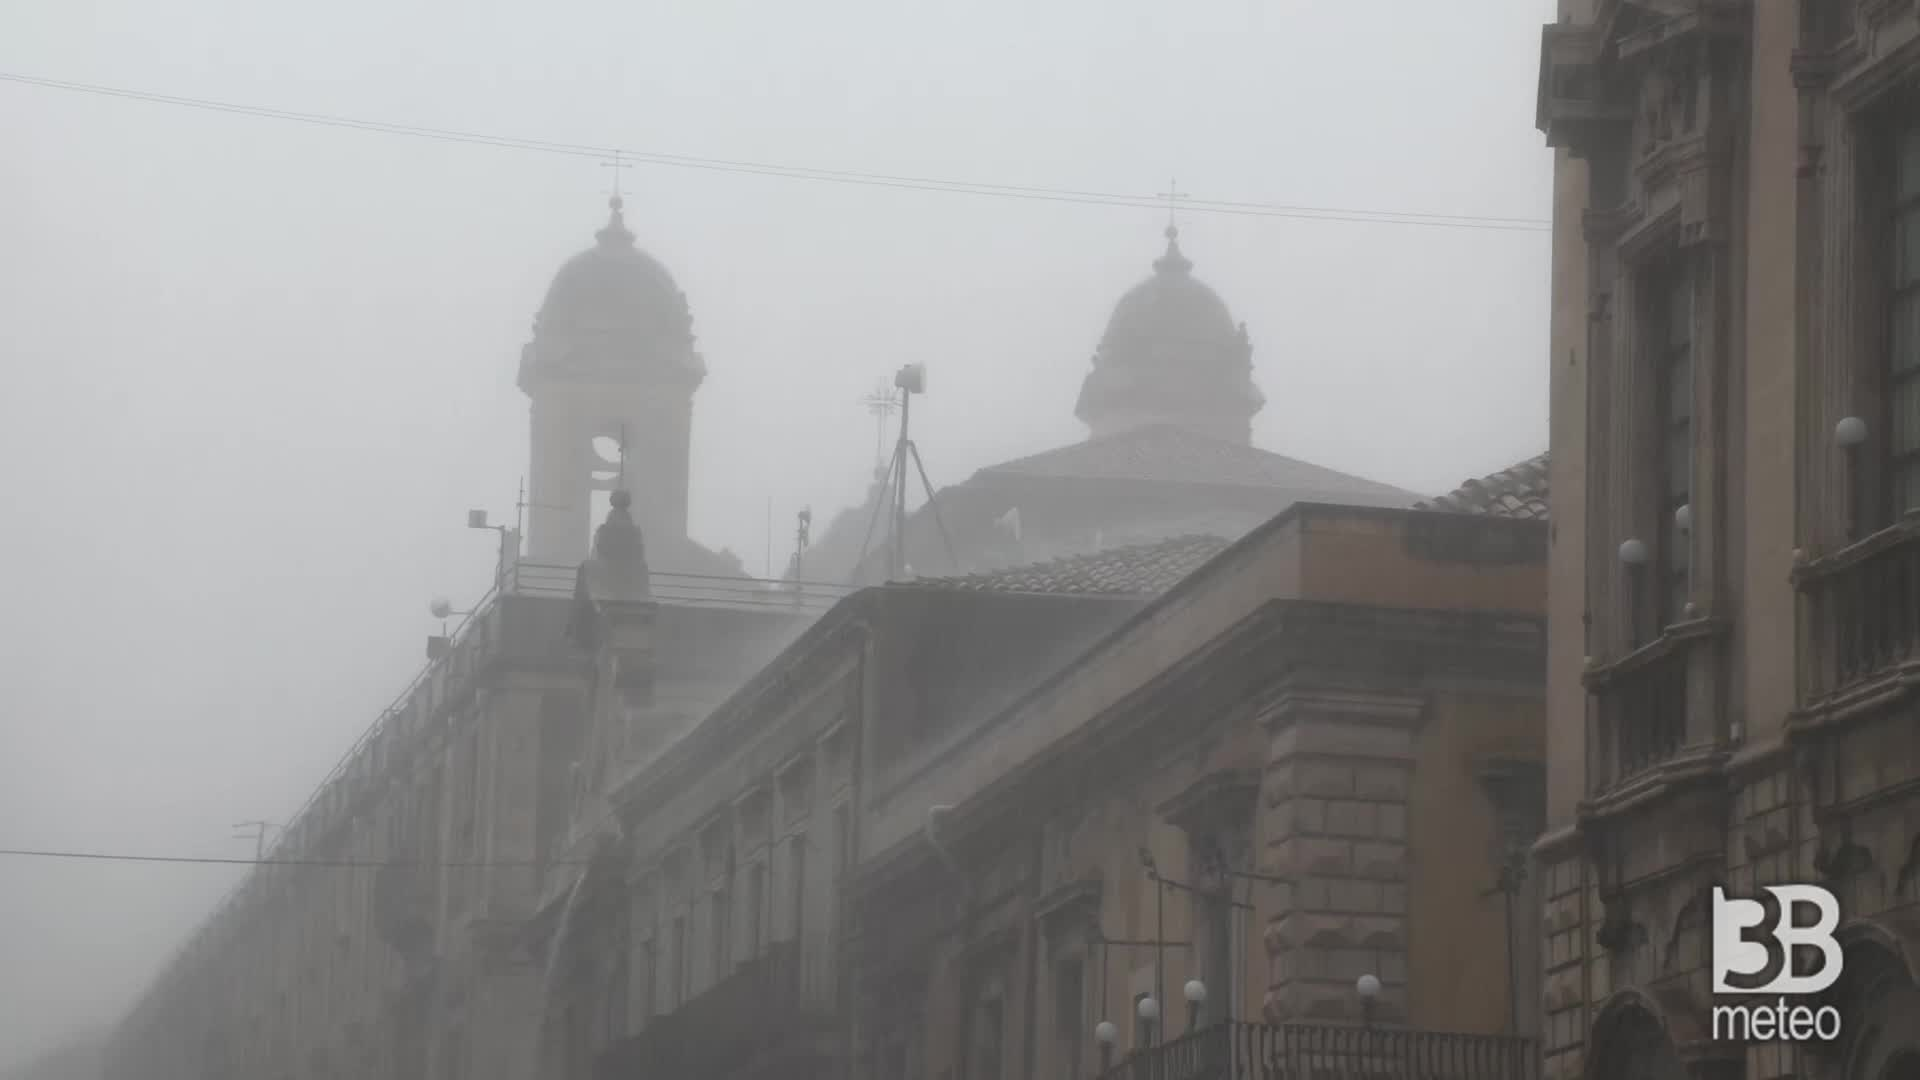 Cronaca meteo: precipitazioni a carattere di nubifragio su Catania; disagi, allagamenti e vittime